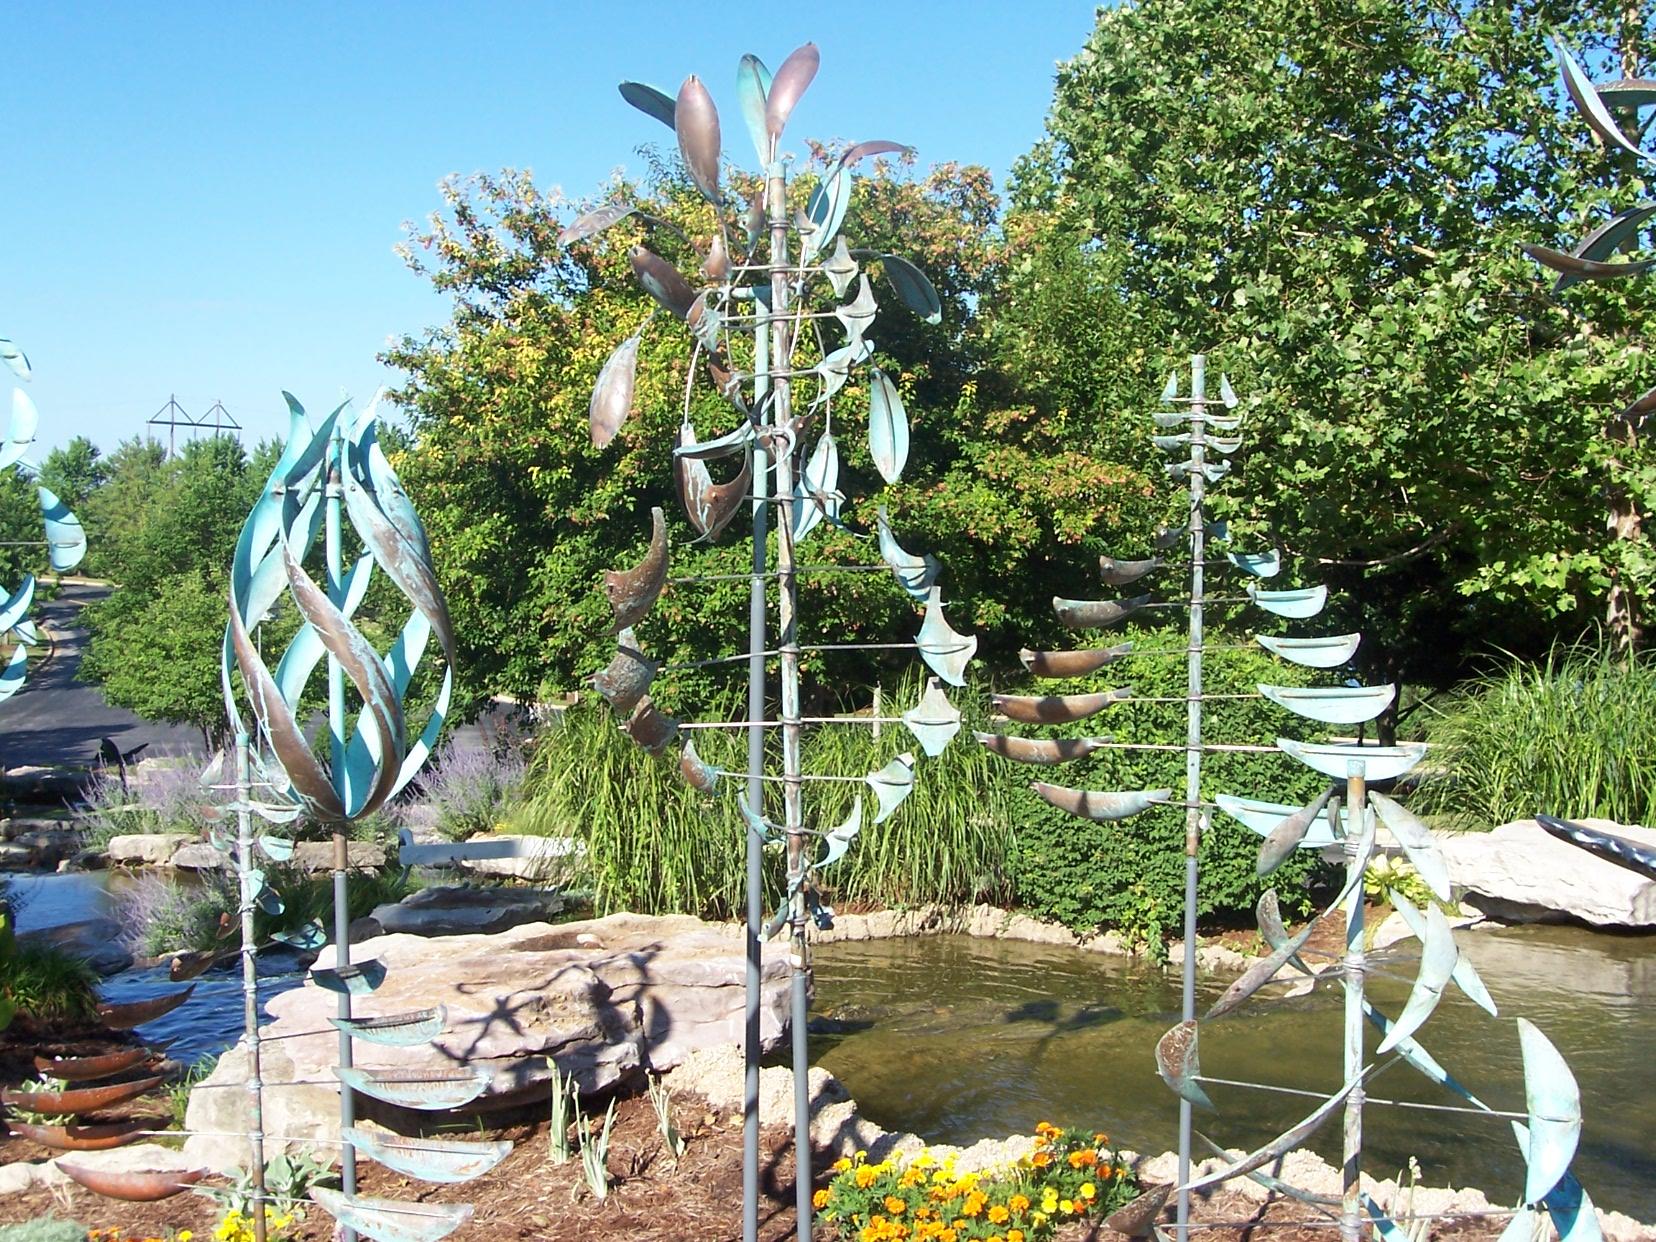 Lyman Whitacker Wind Sculptures